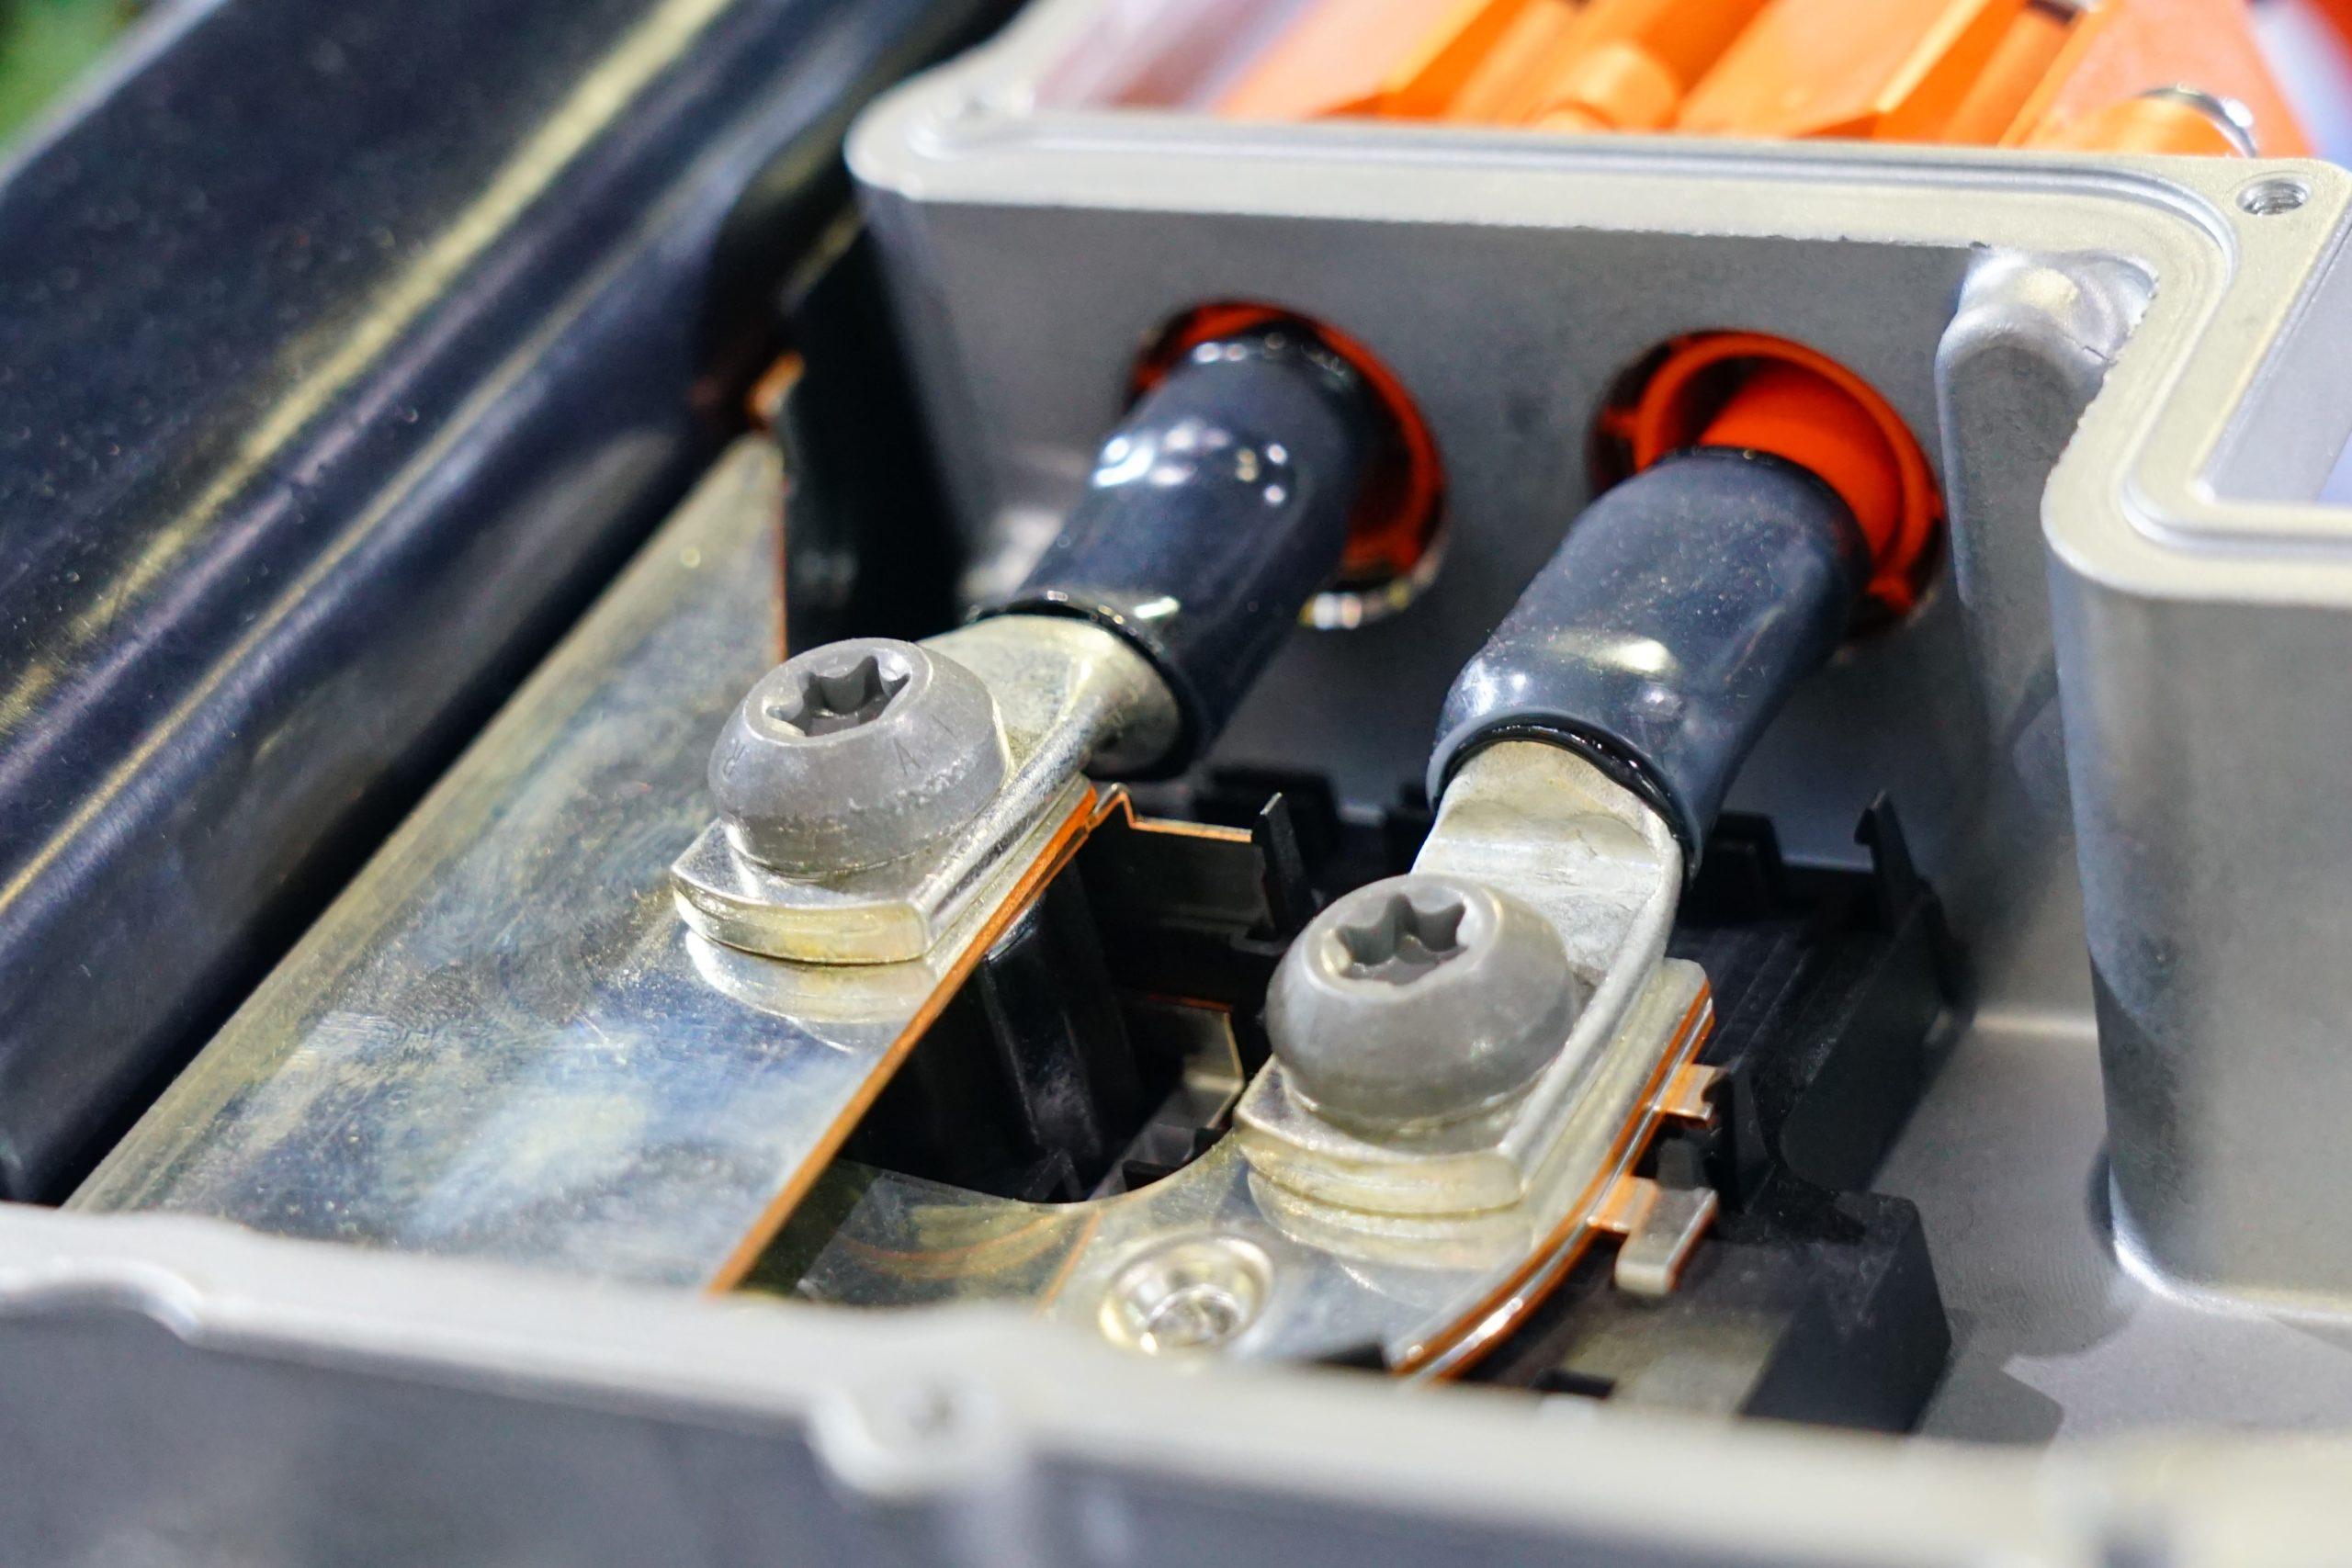 Elektroautomotor mit versilberten Stromanschlusssteckern.